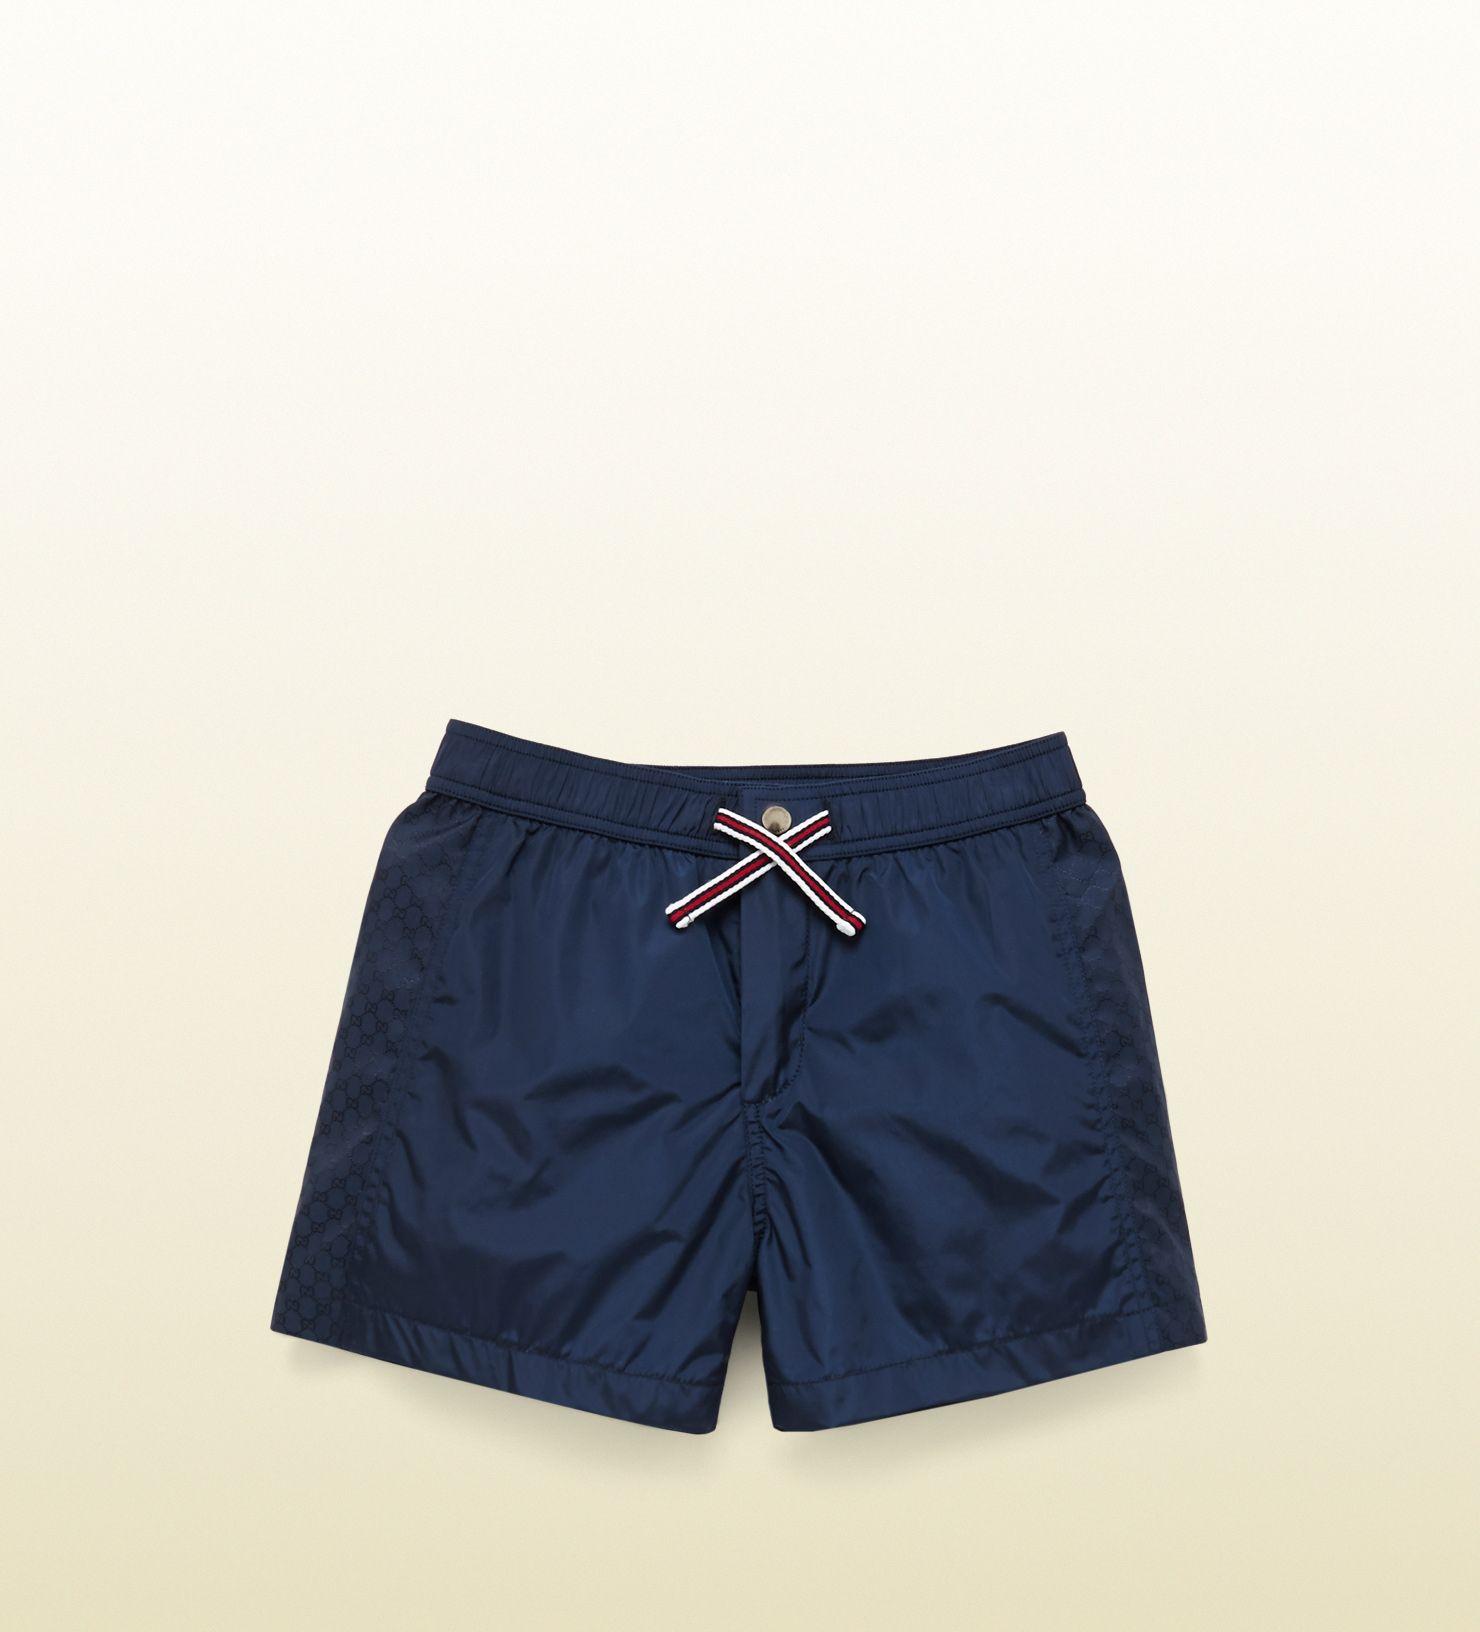 8214b723b012 Gucci navy blue swim short | Swimwear men en 2019 | Trajes de baño ...